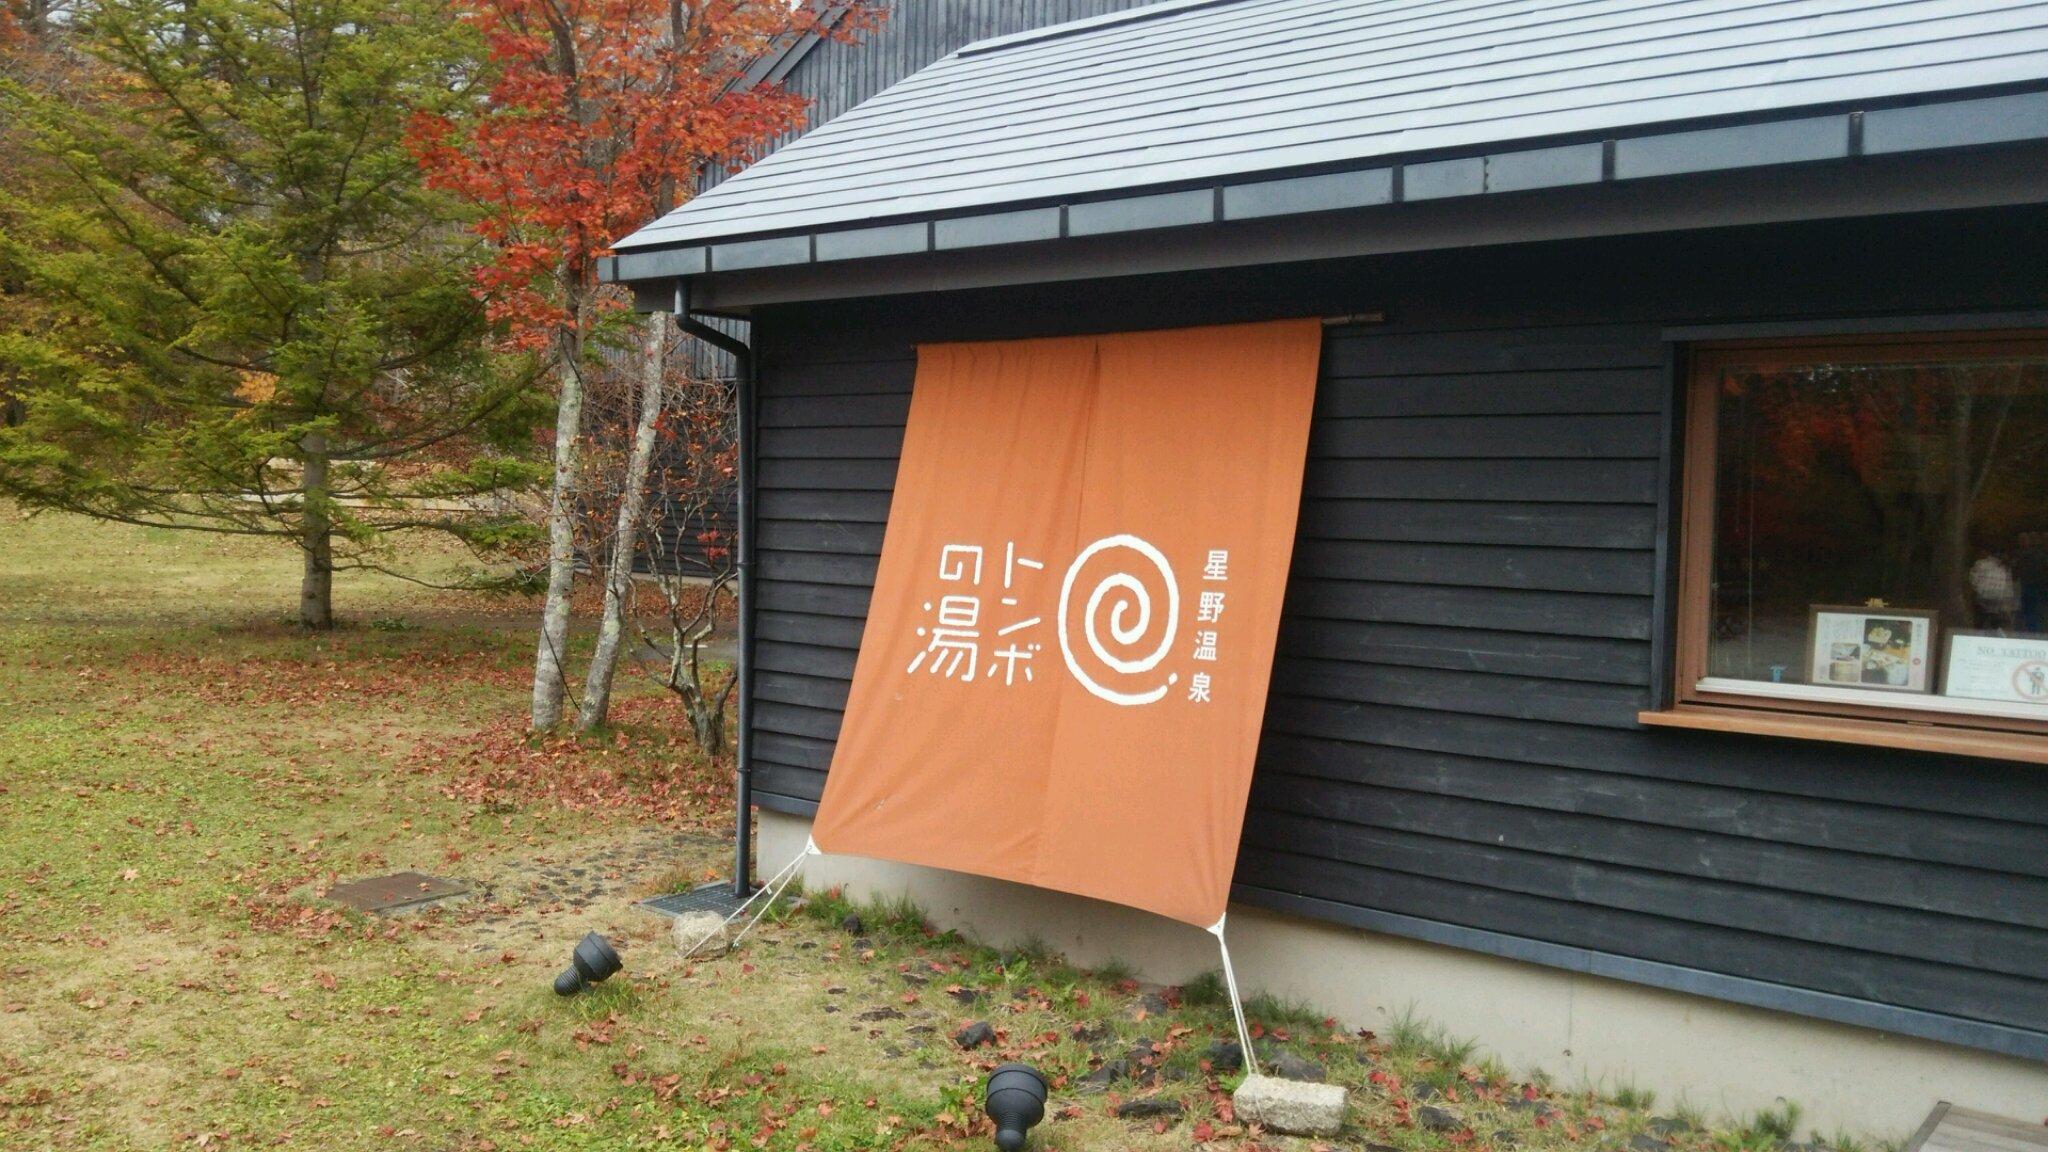 軽井沢ニューアートミュージアムに行きました。_e0119092_11334337.jpg